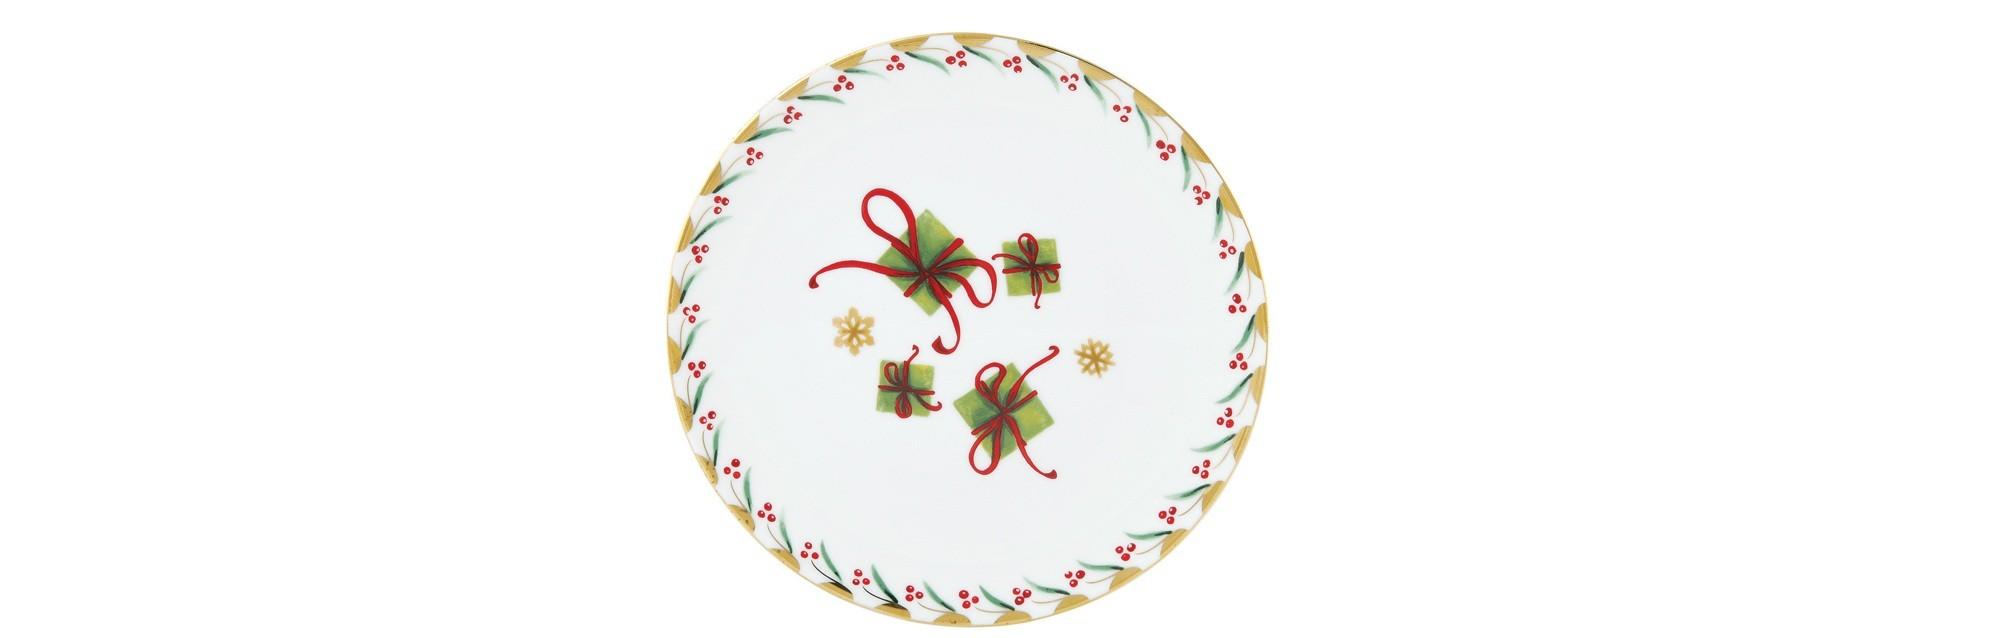 Πιάτο Φρούτου Στρογγυλό Δωράκια Noel 21cm Ionia home   ειδη σερβιρισματος   πιάτα